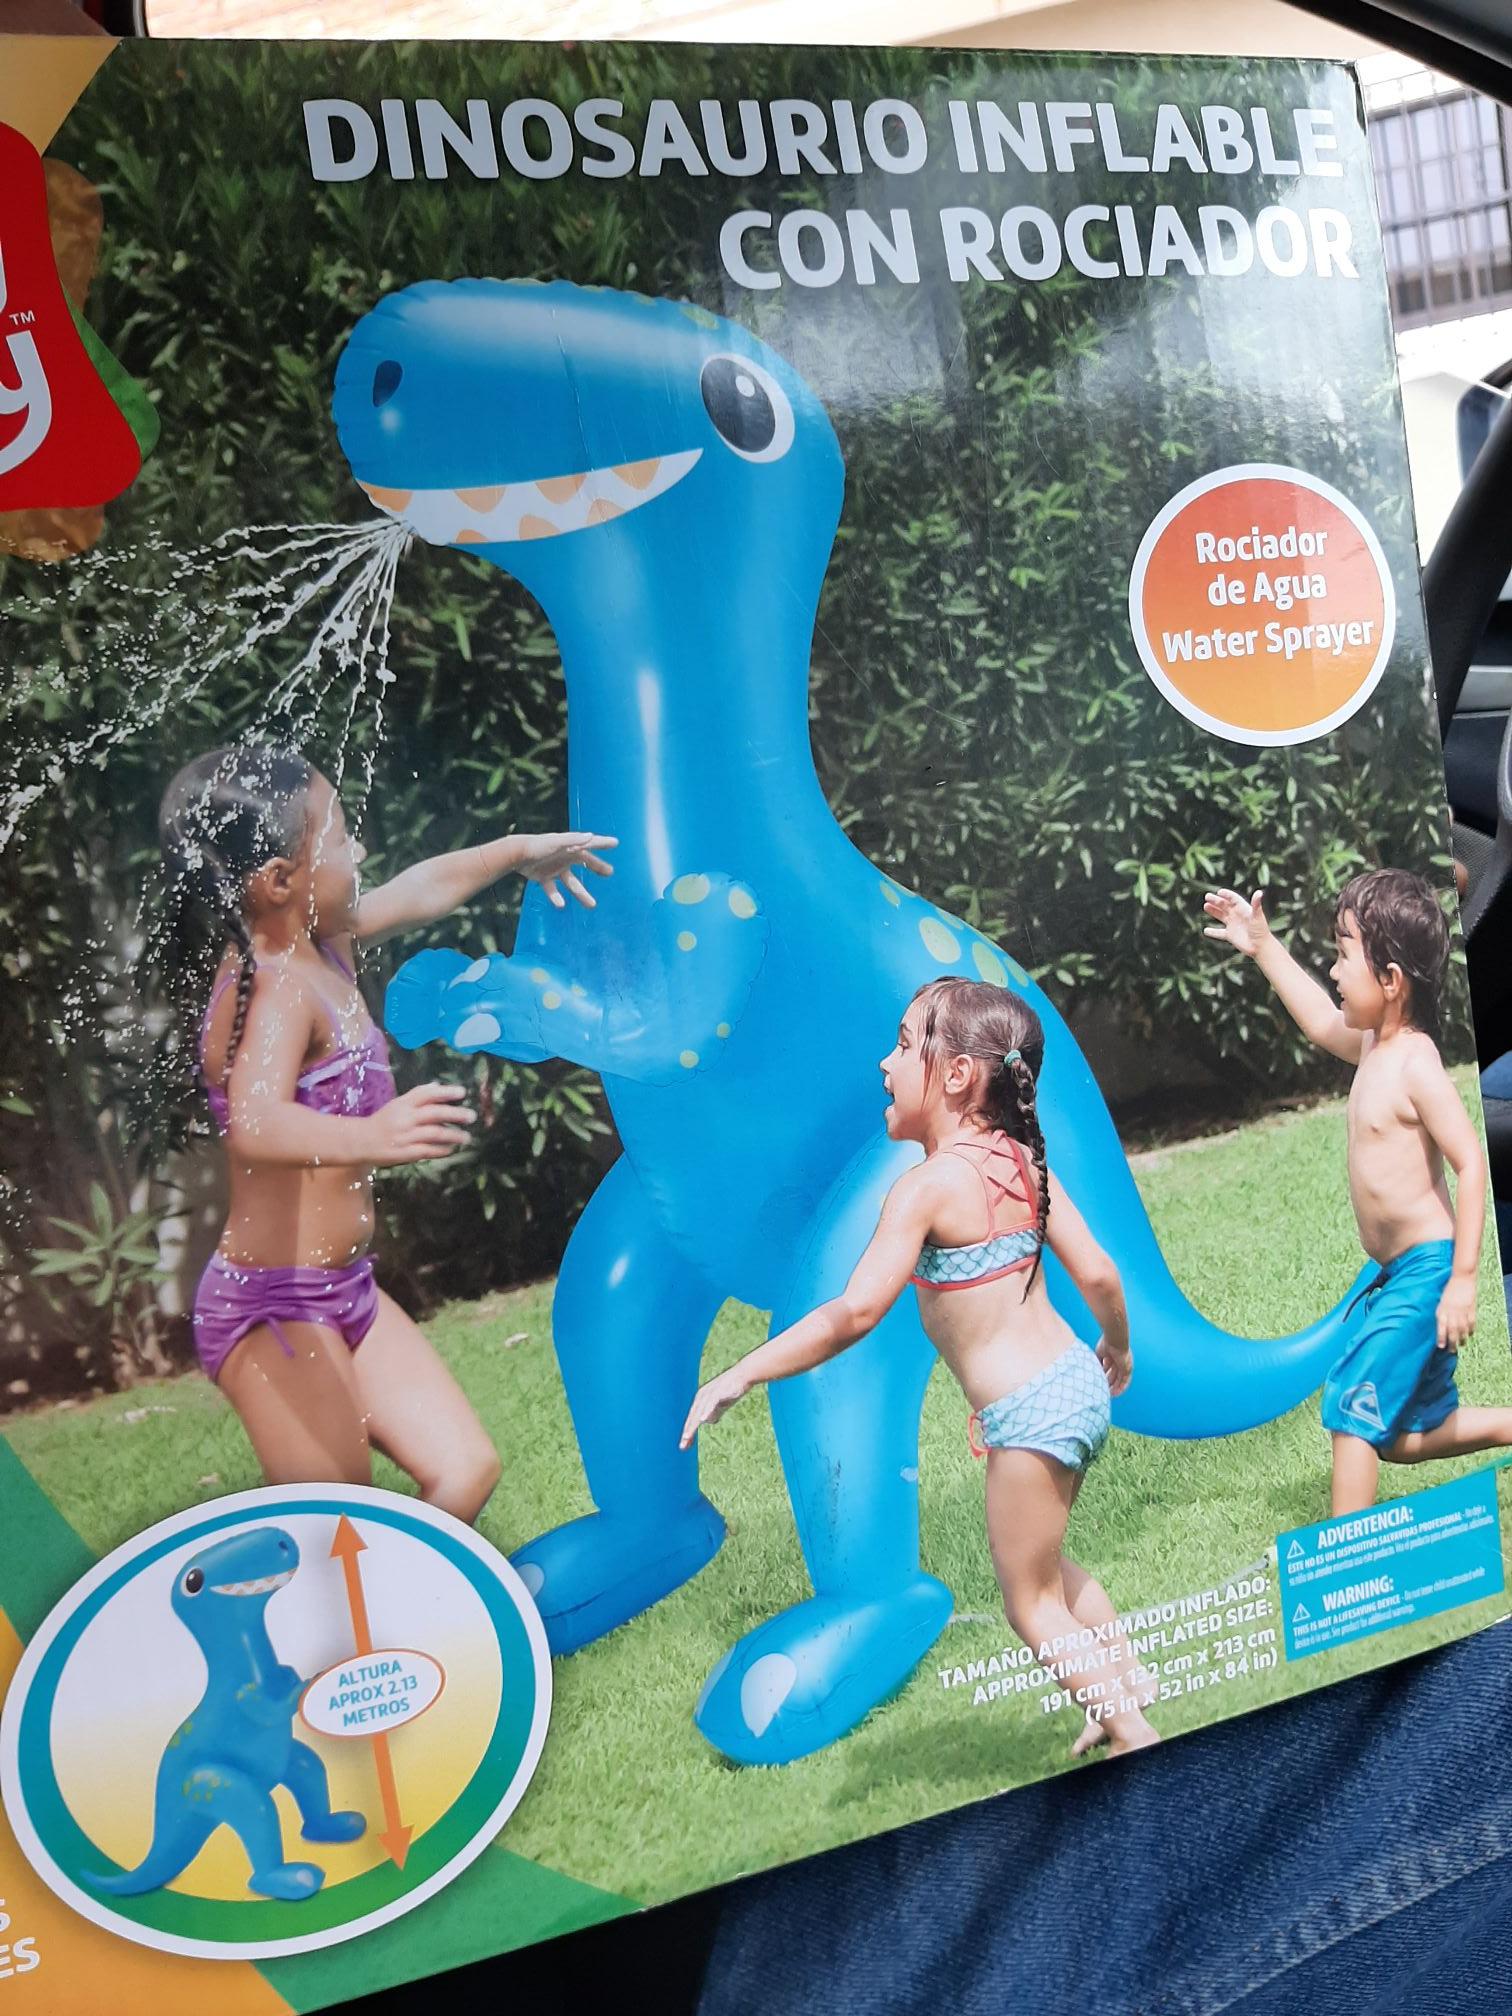 Walmart: Dinosaurio inflable ultima  liquidación